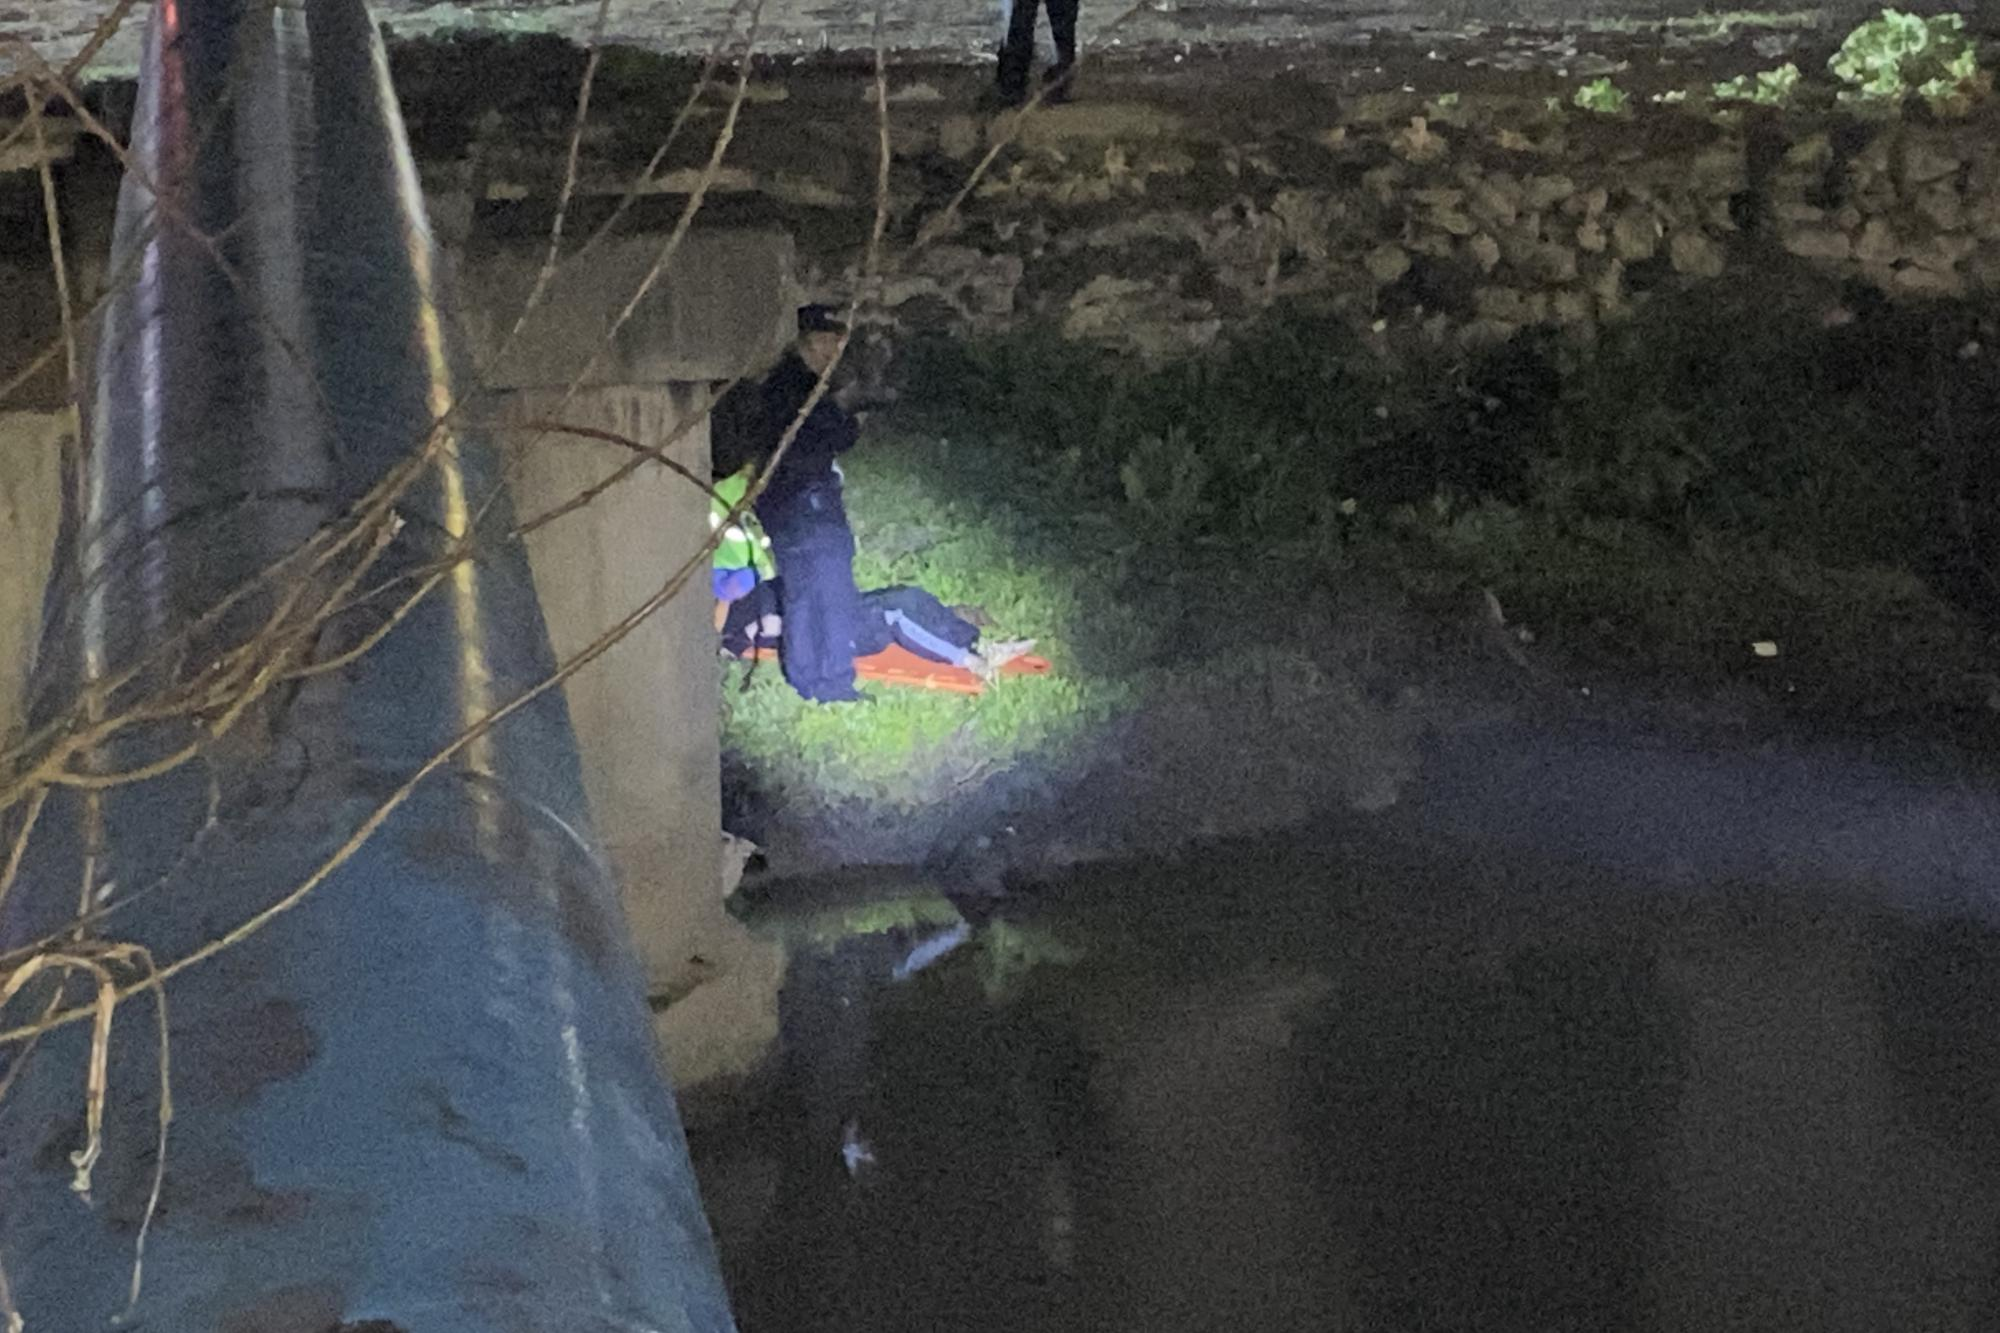 温州男子抄近道脚滑掉河道 民警和消防员多方力量雨夜营救